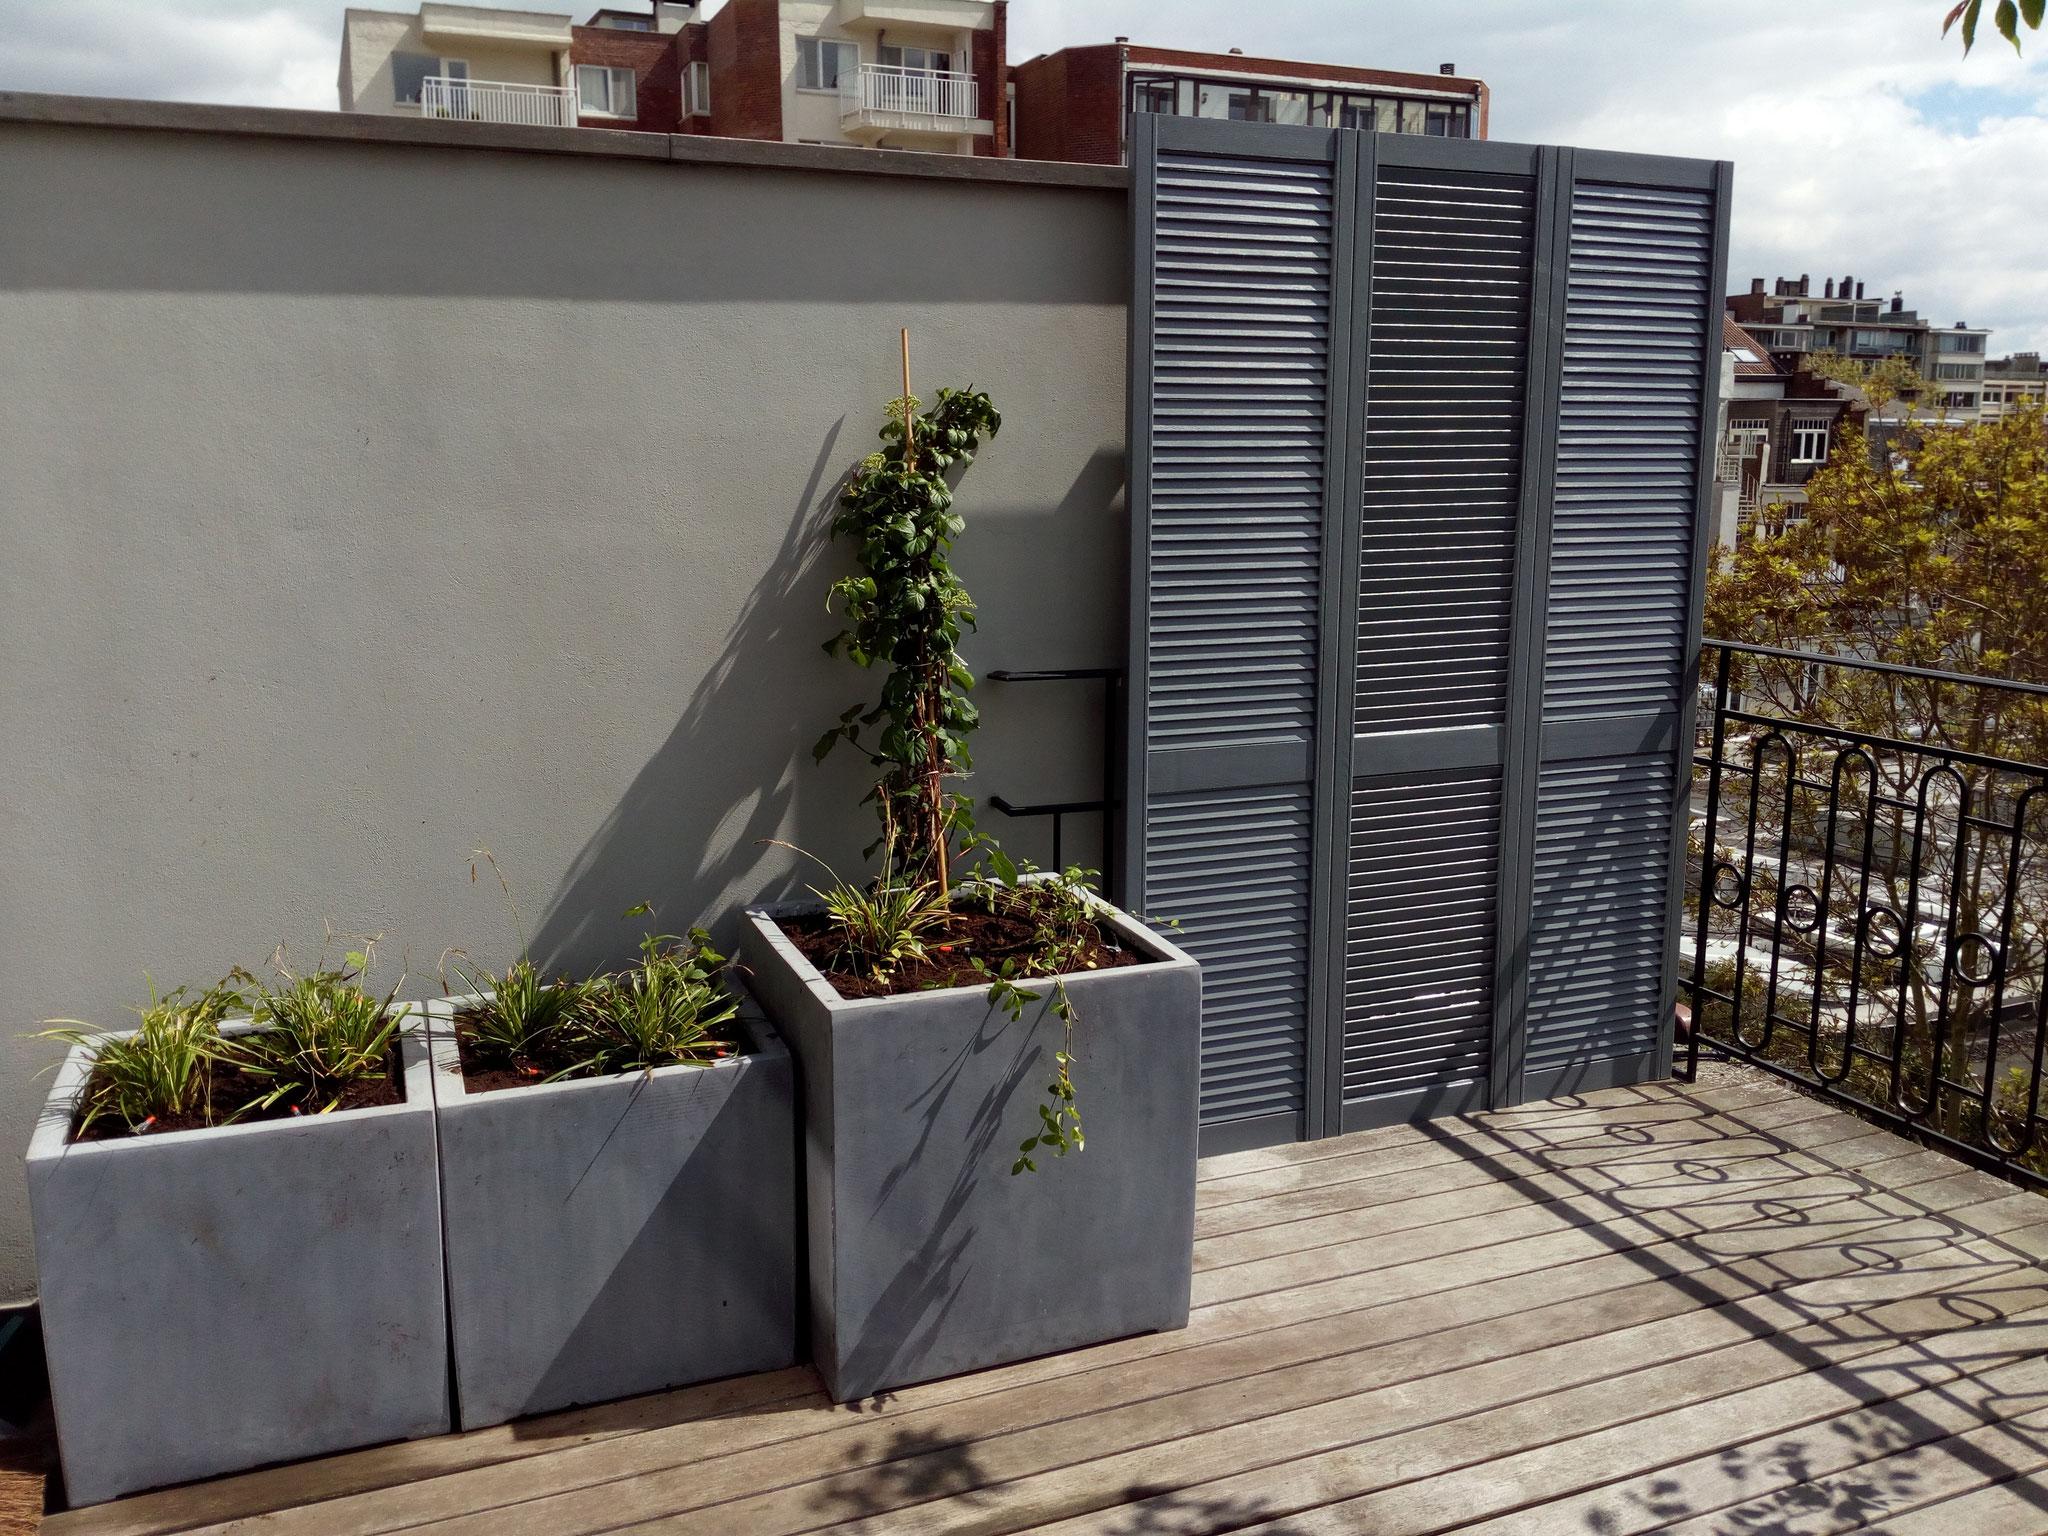 Terrasse 30m2 - Ambiance verger fleuri - Partie gauche - Amenagement jardin Bruxelles